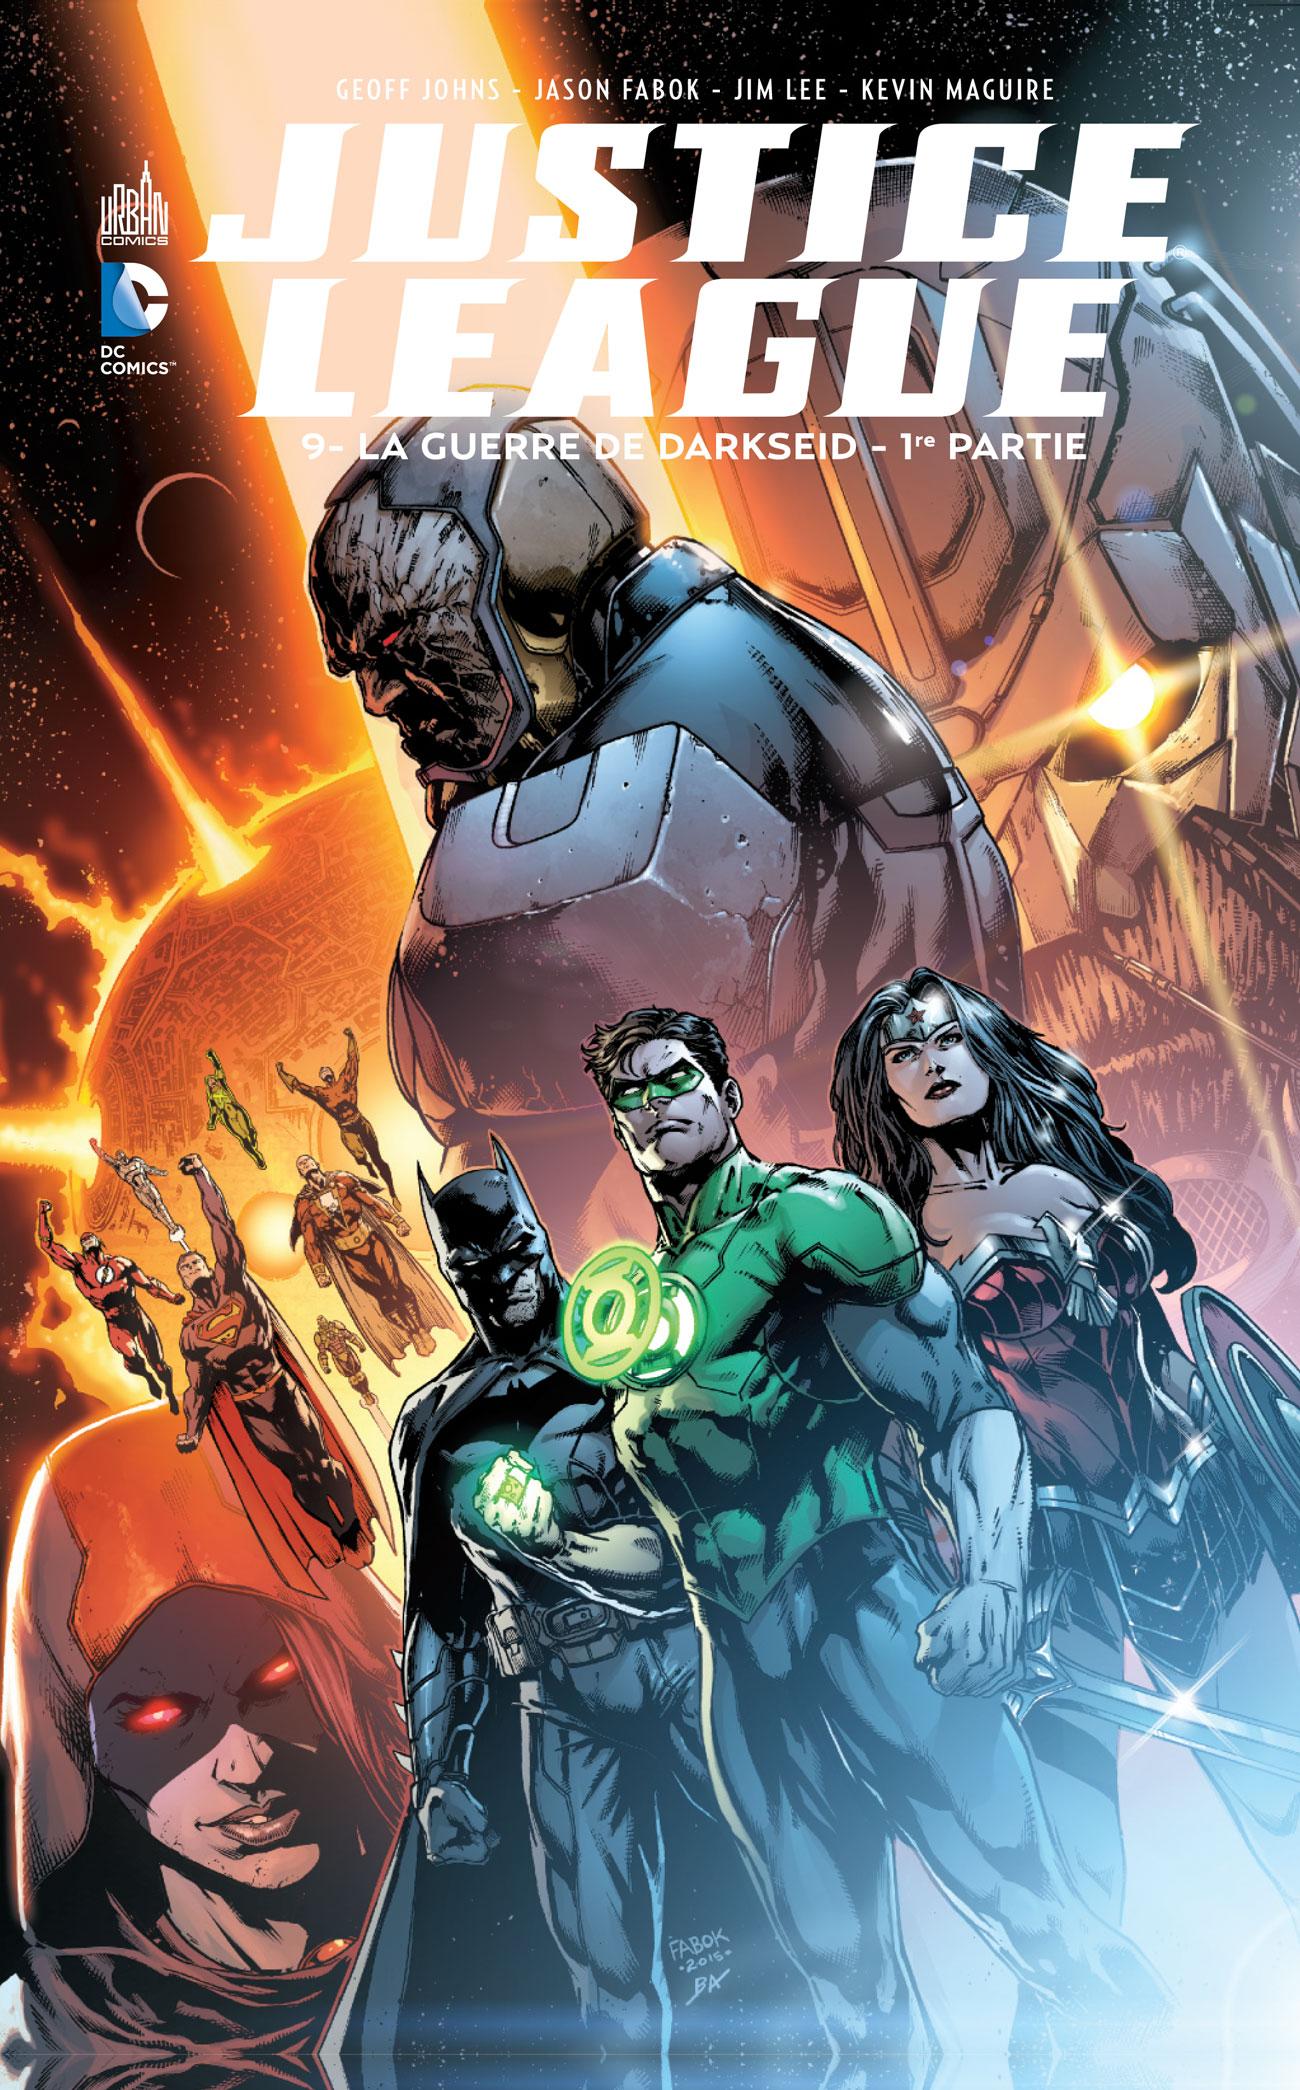 Justice League 9 - La guerre de Darkseid - 1ère partie